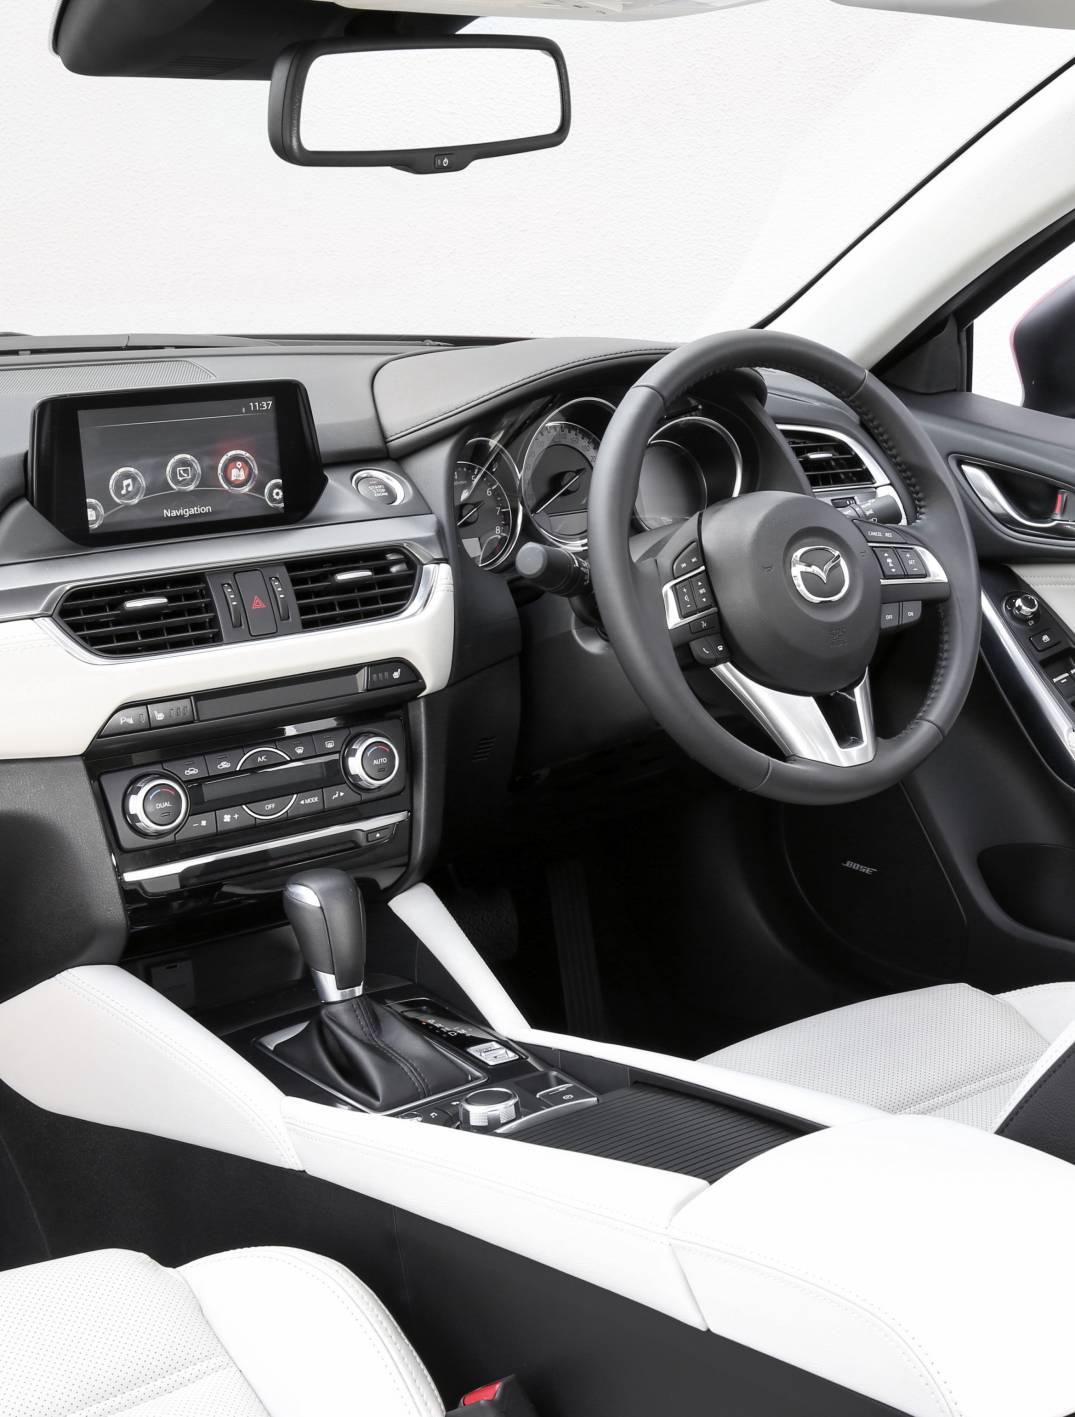 Mazda Cars News Price Drop For 2015 Mazda6 Facelift